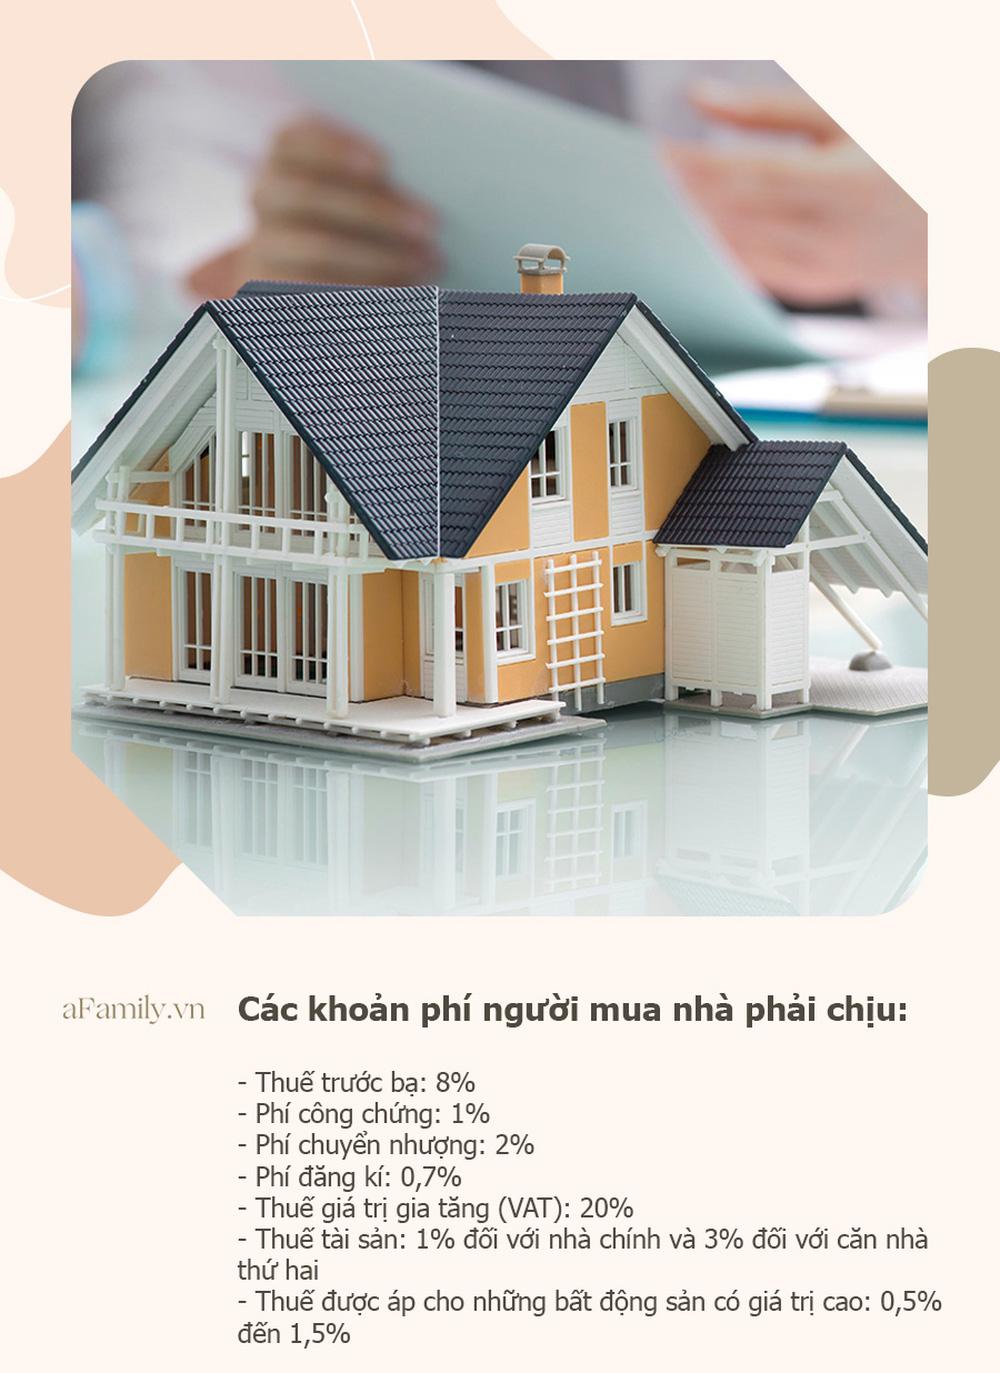 Gia đình Việt ở Pháp kể chuyện mua nhà ở đất nước có giá bất động sản thuộc hàng đắt đỏ nhất hành tinh - Ảnh 7.